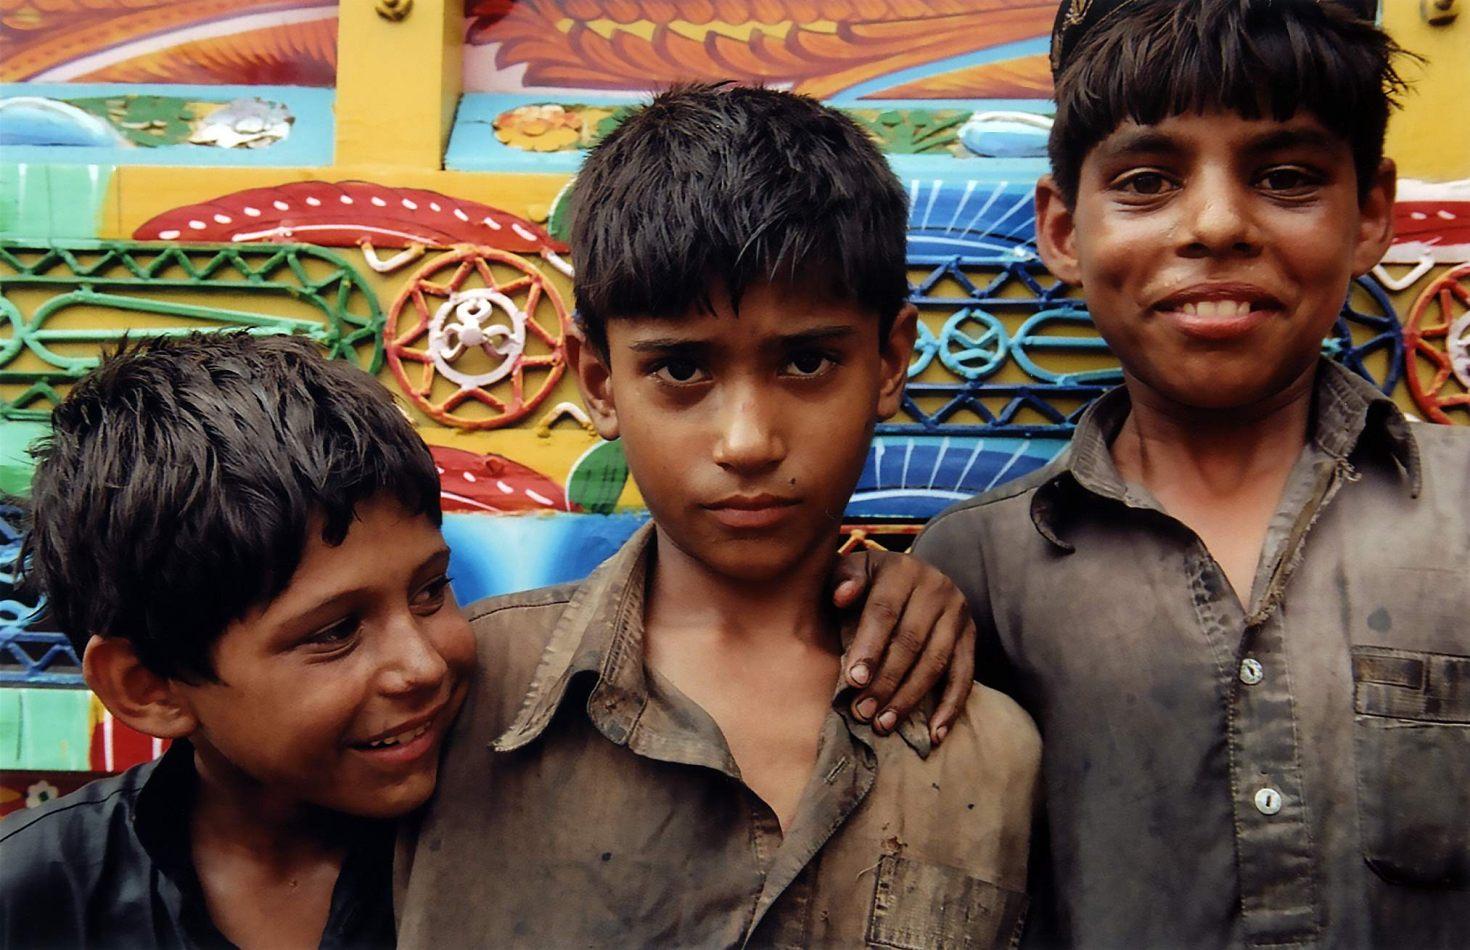 Anthony Ellis Photography: Zindabad - The Three Truck Painters